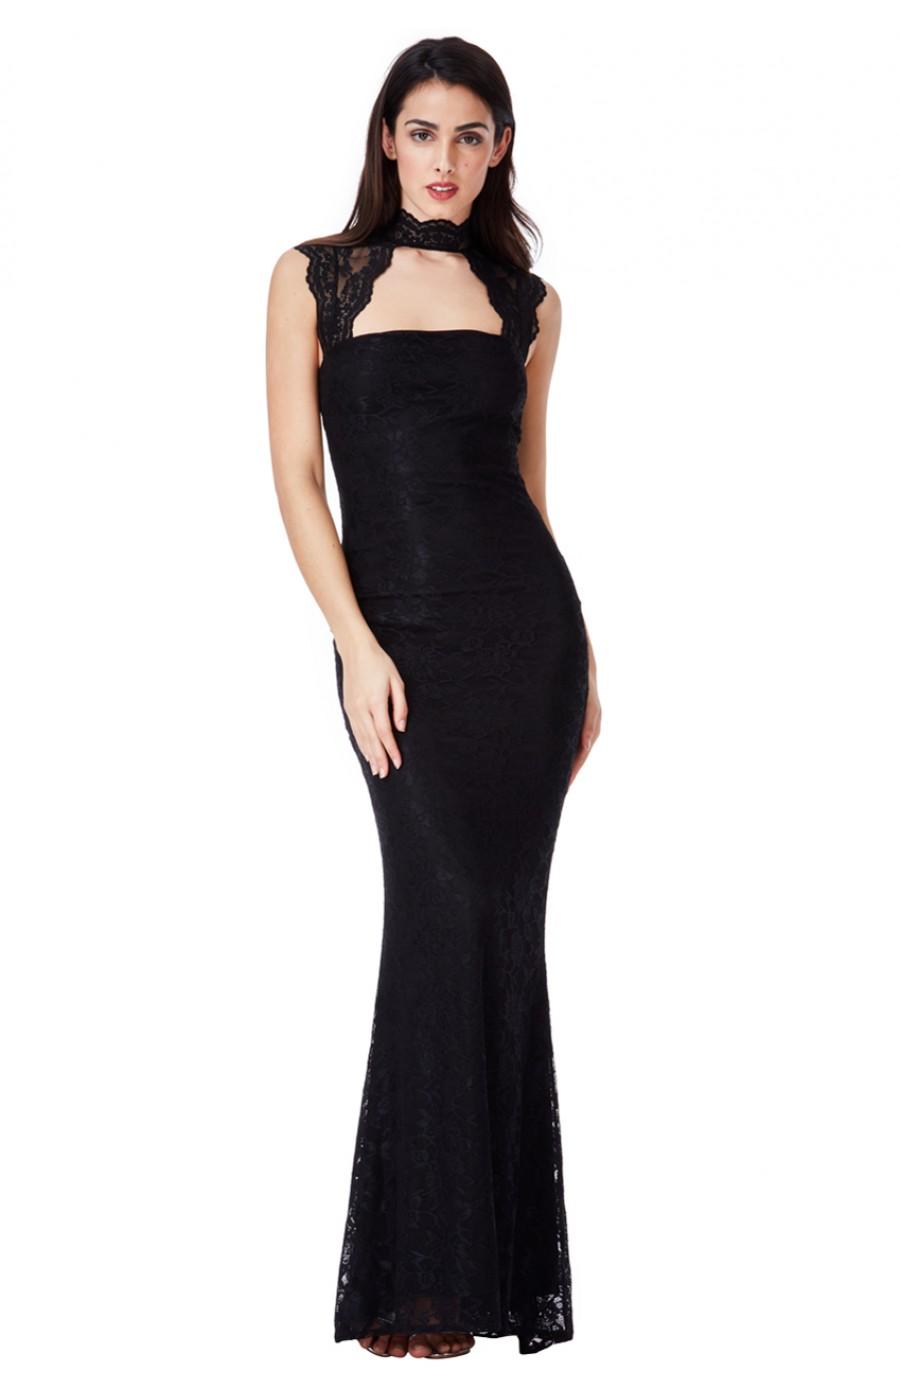 Μακρύ μαυρό δαντελένιο φόρεμα